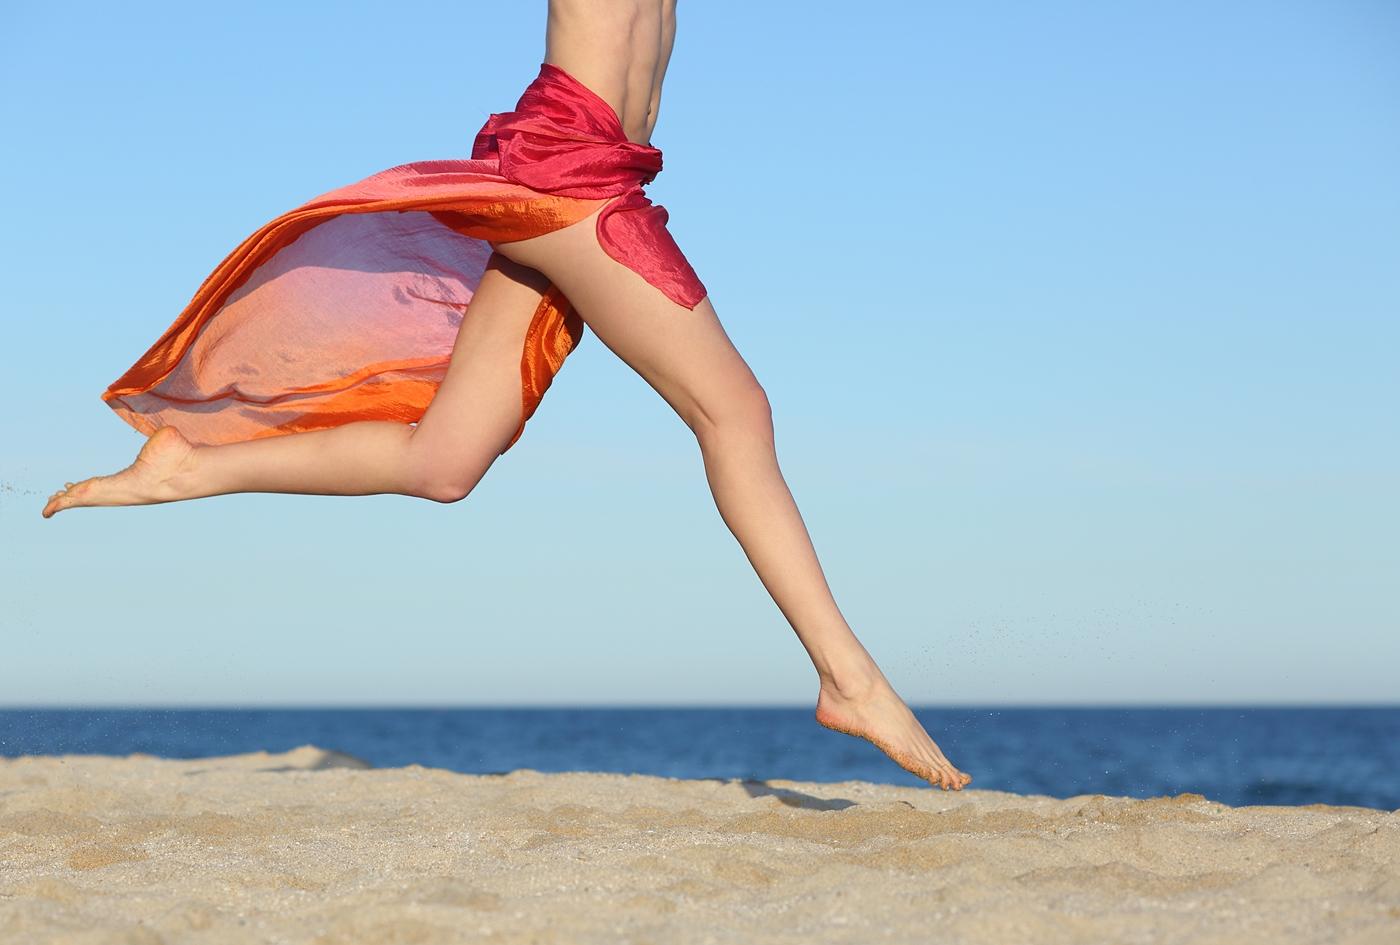 砂浜を走る女性の脚